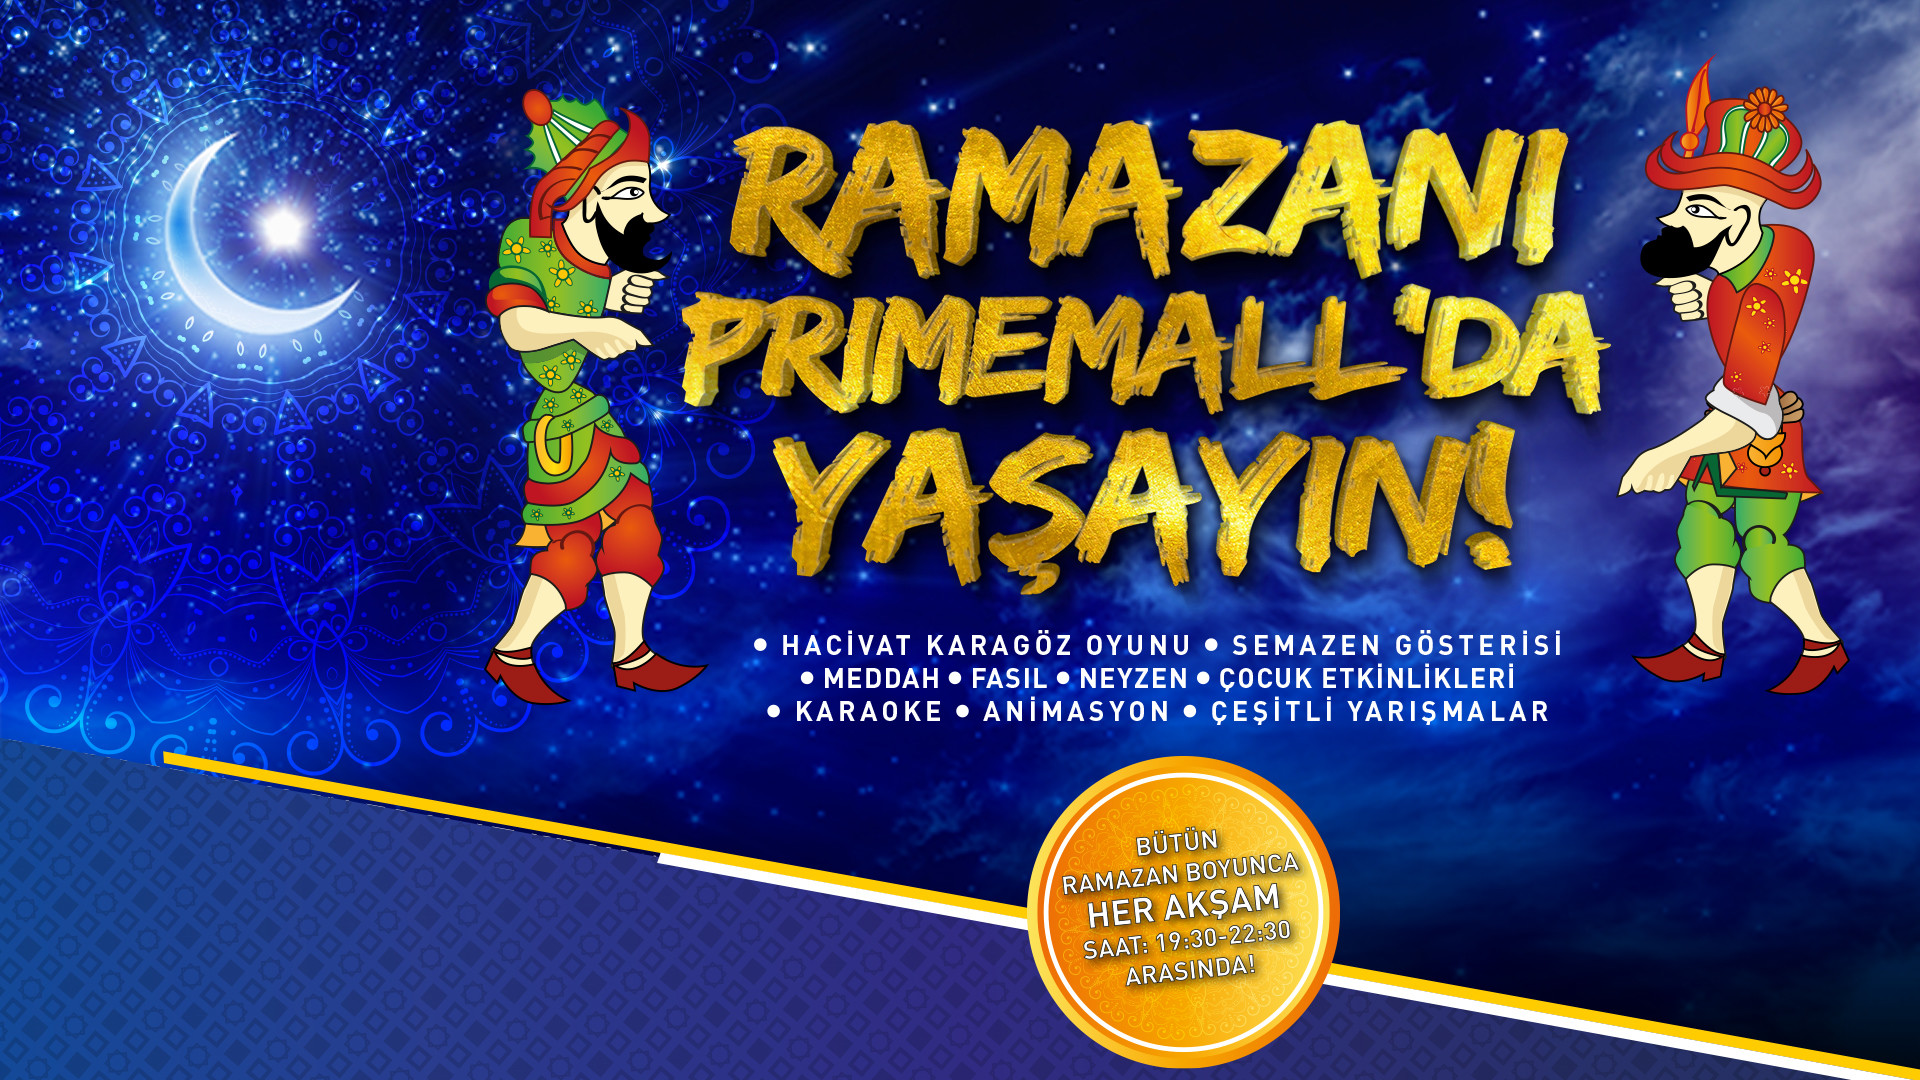 Ramazan'ı Primemall'da Yaşayın!